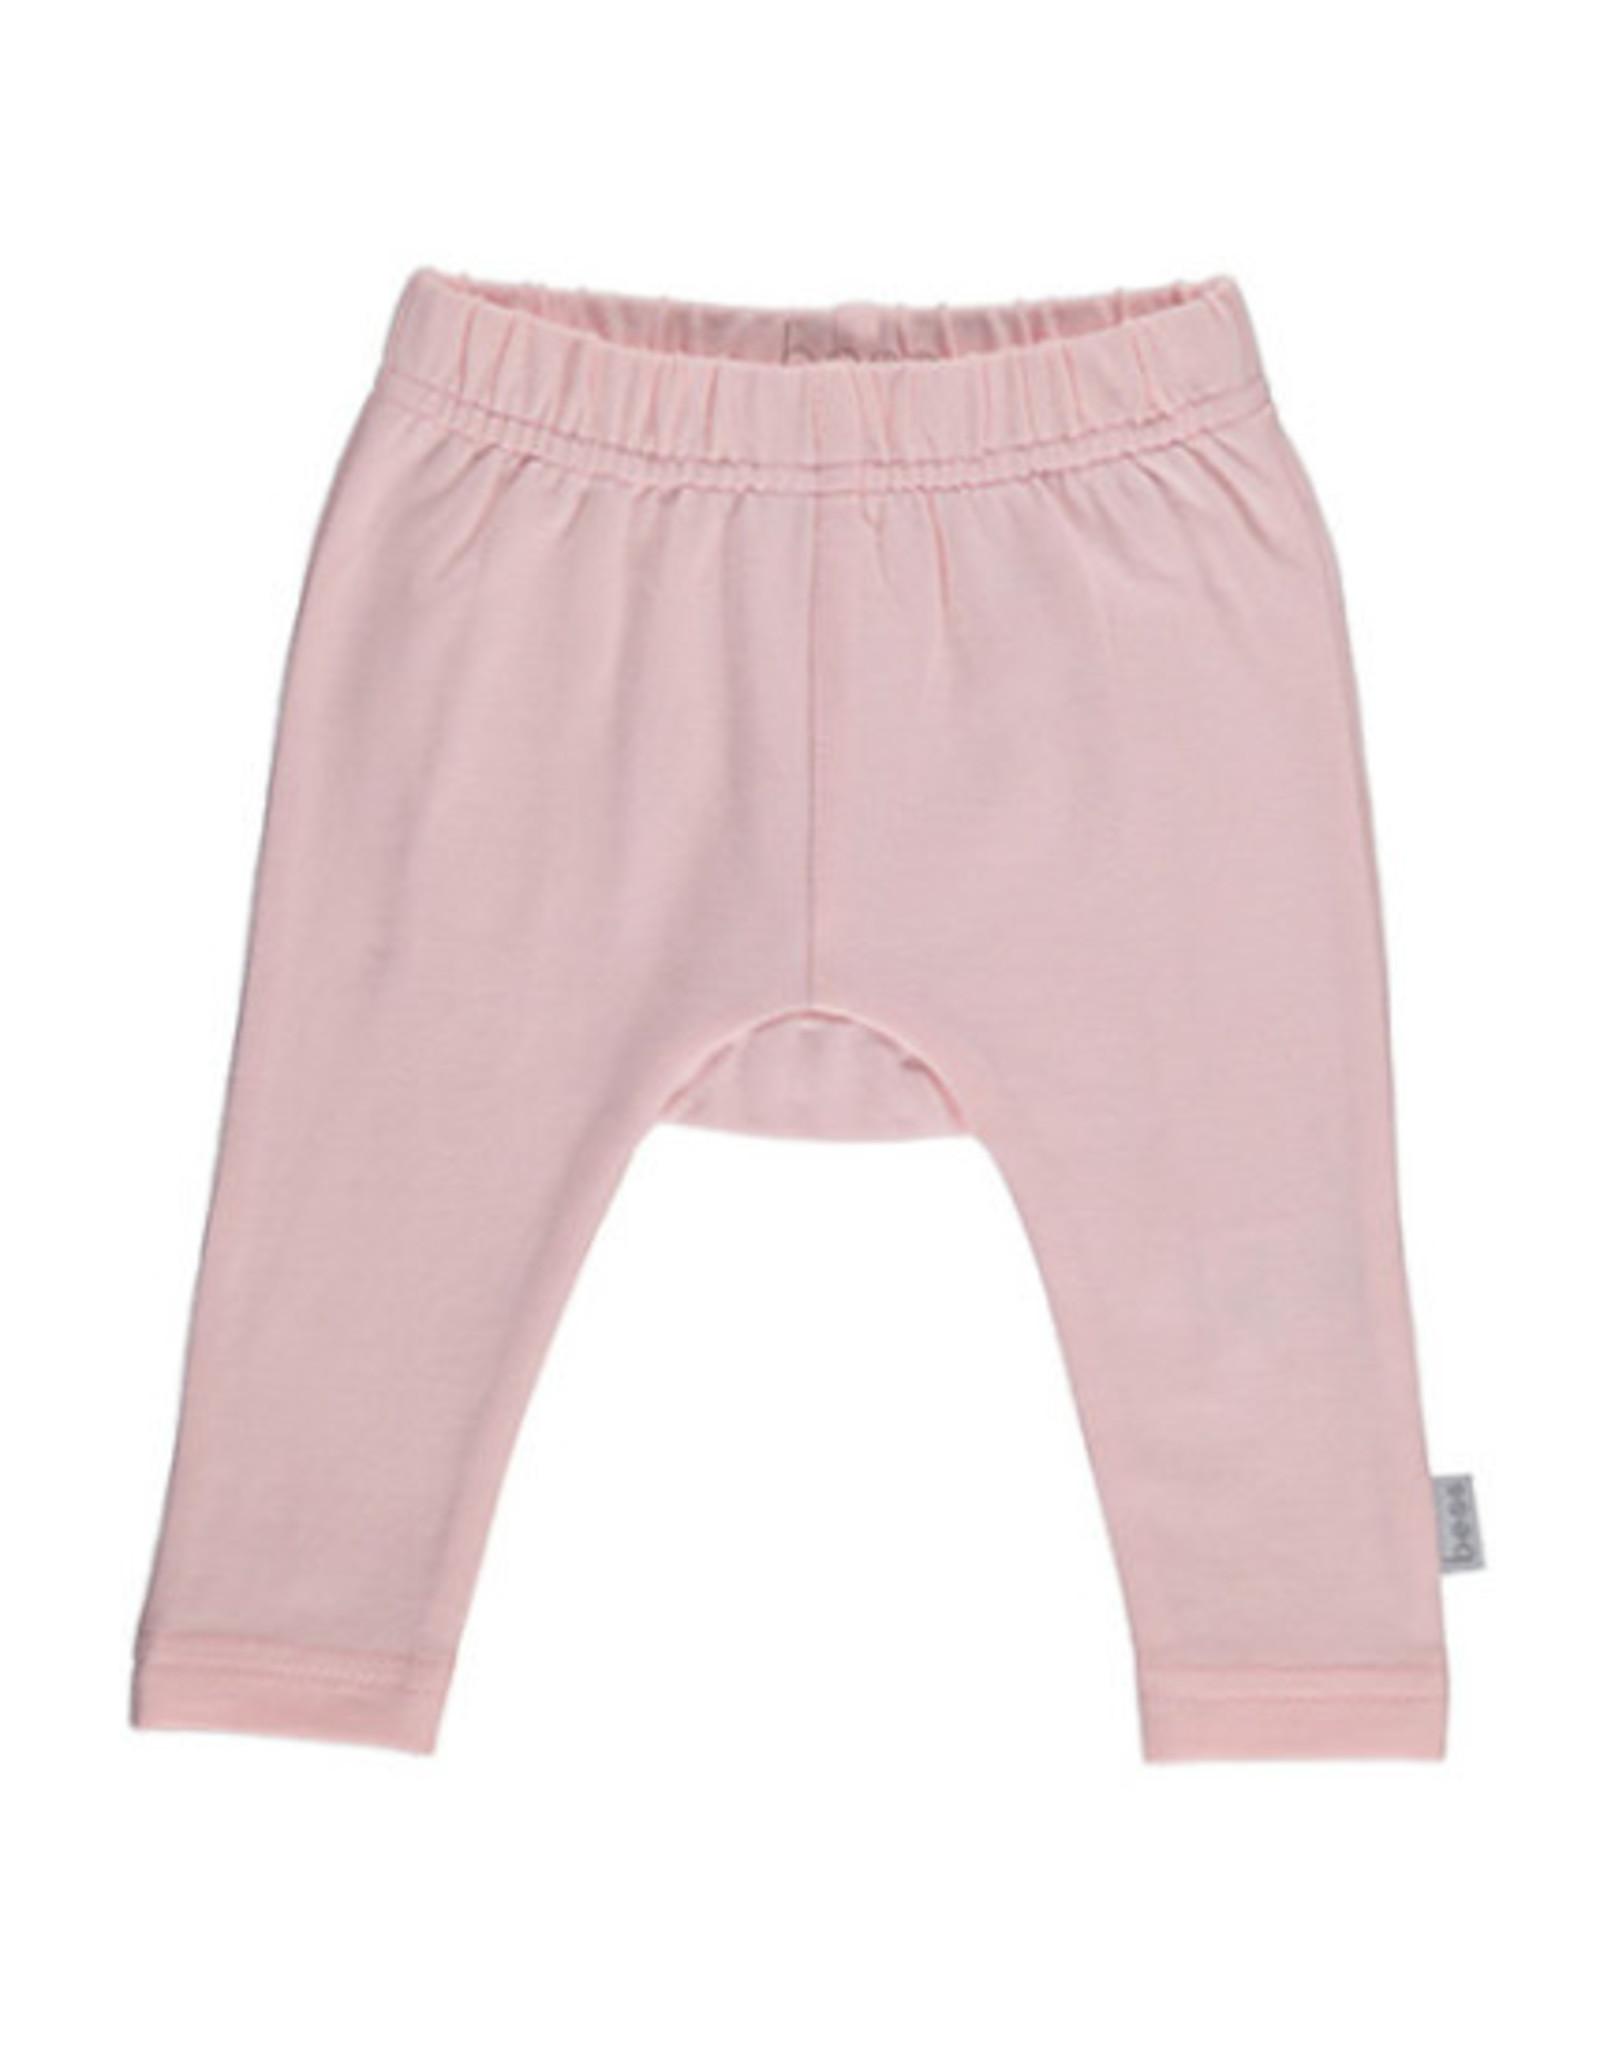 BESS Bess legging 007 pink NOS